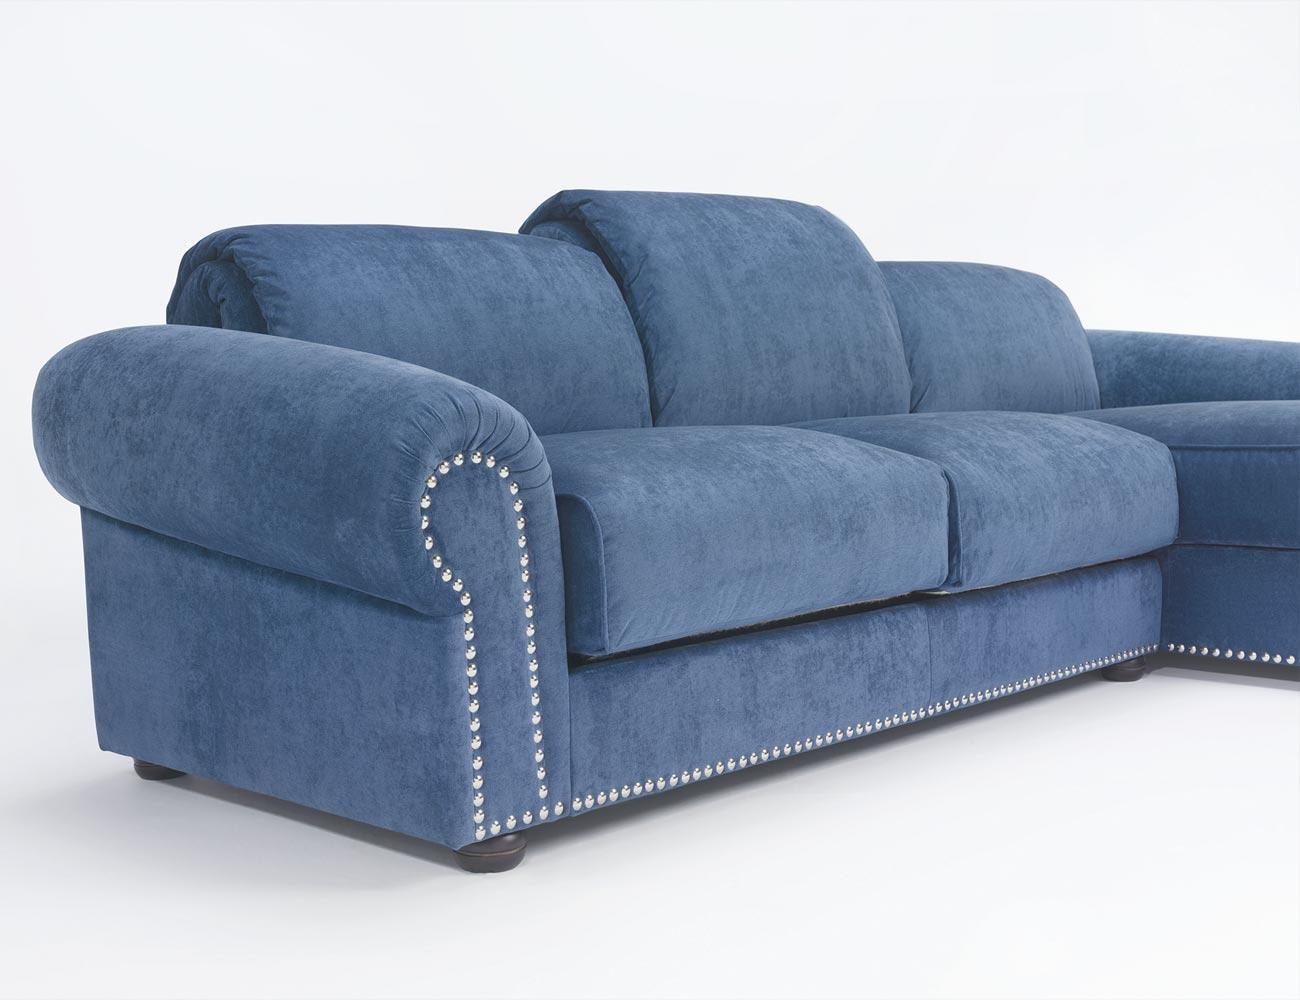 Sofa chaiselongue gran lujo decorativo azul 127